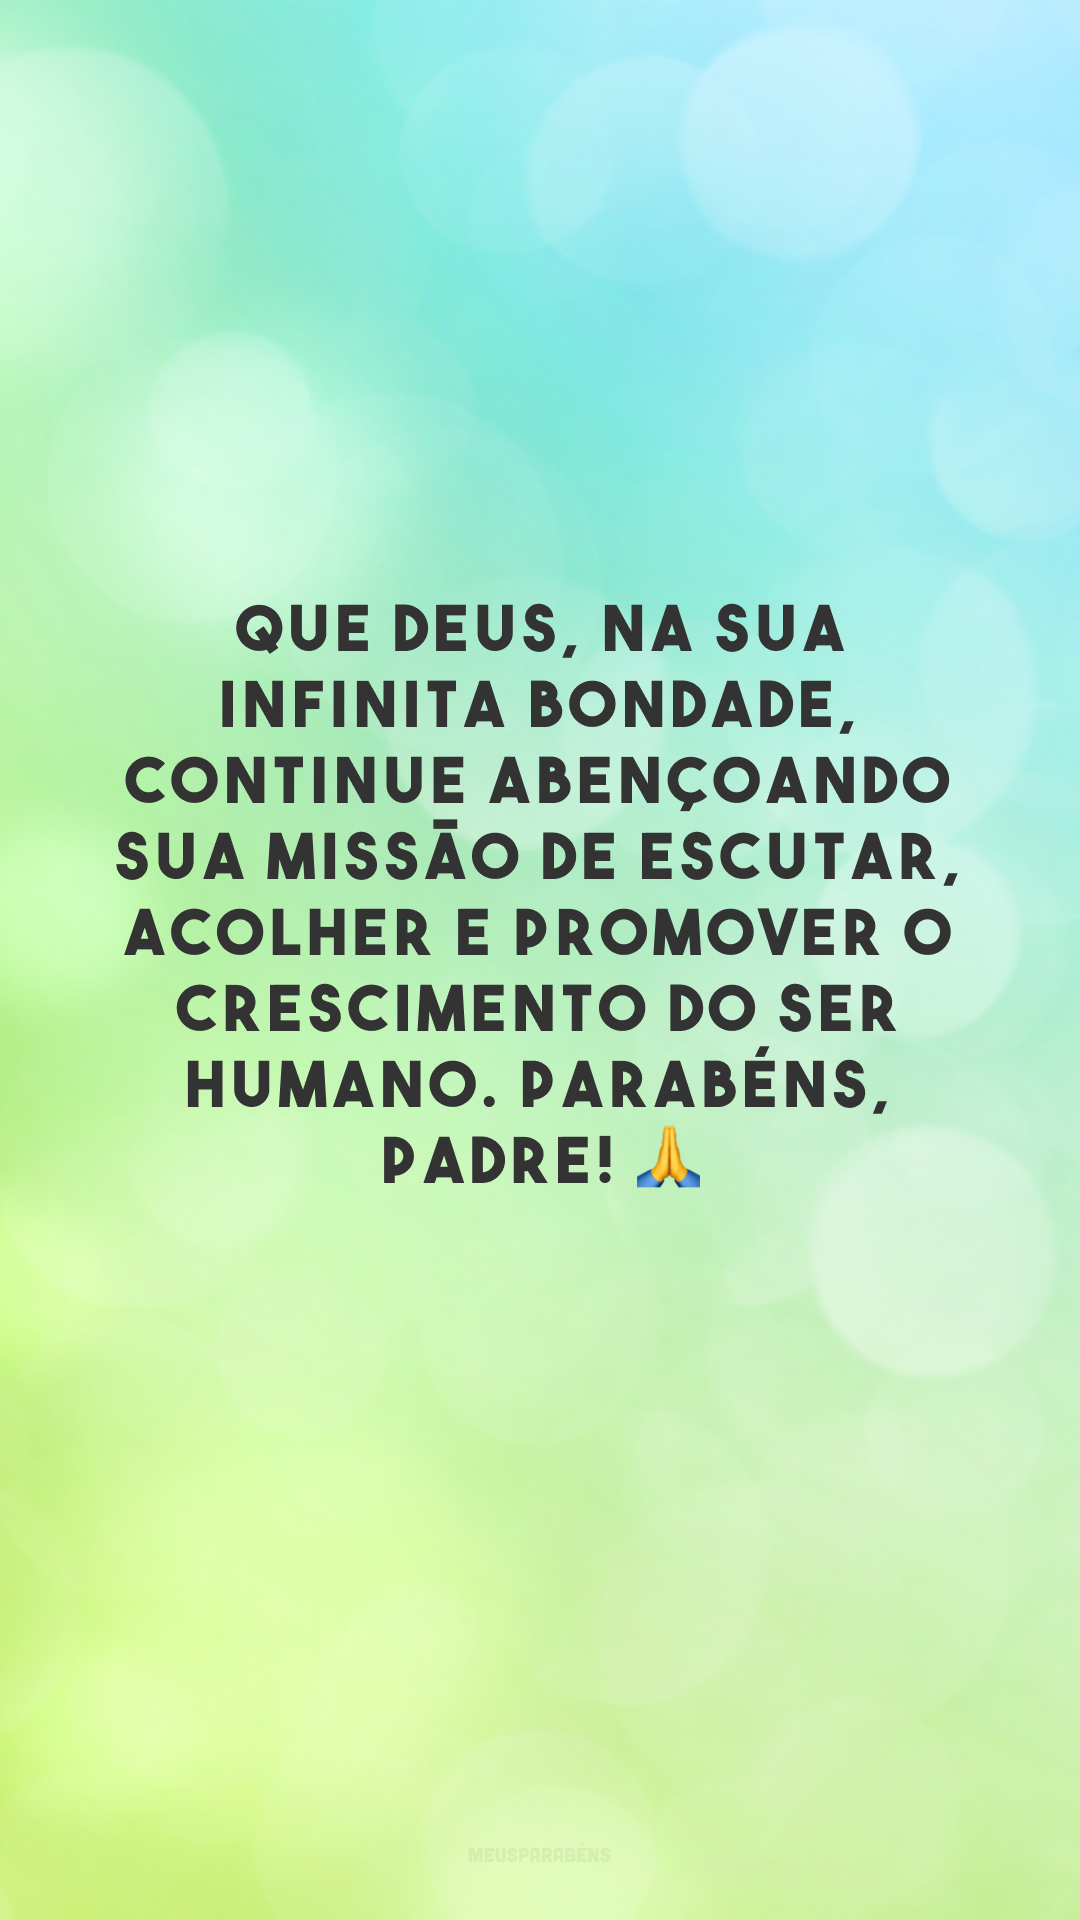 Que Deus, na sua infinita bondade, continue abençoando sua missão de escutar, acolher e promover o crescimento do ser humano. Parabéns, padre! 🙏